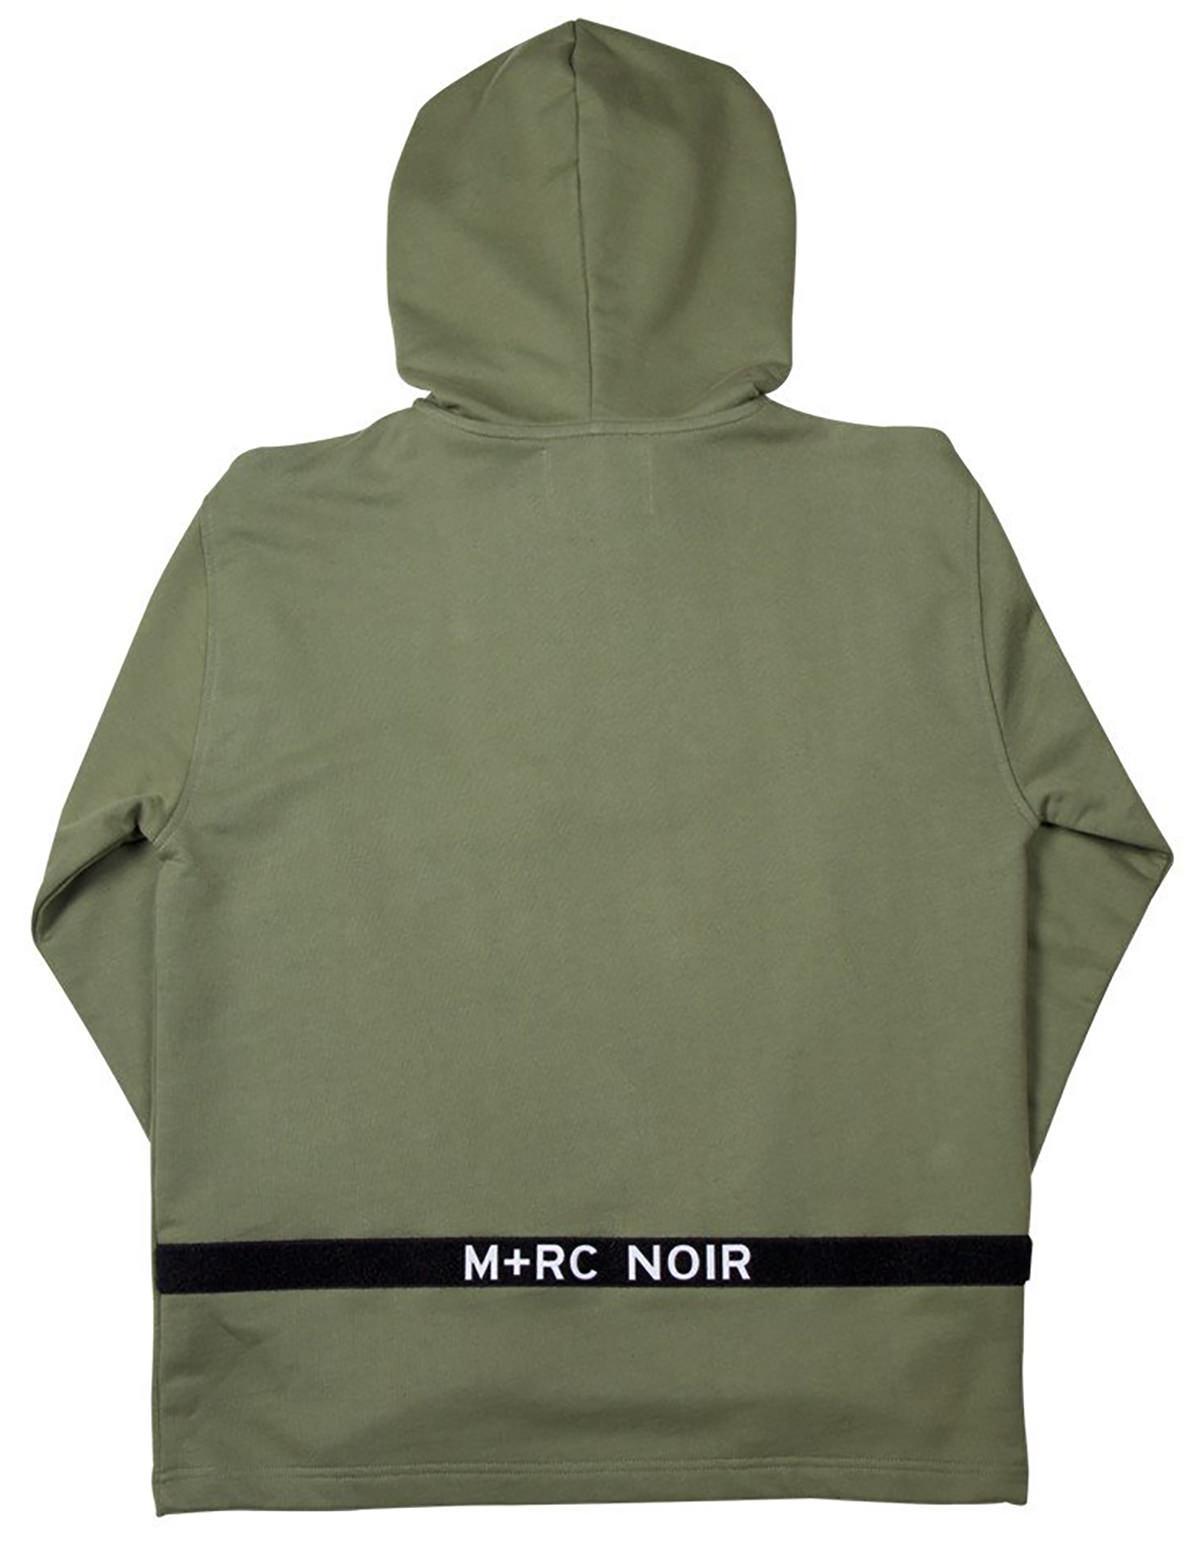 mrcnoir-2017-spring-new-release-6